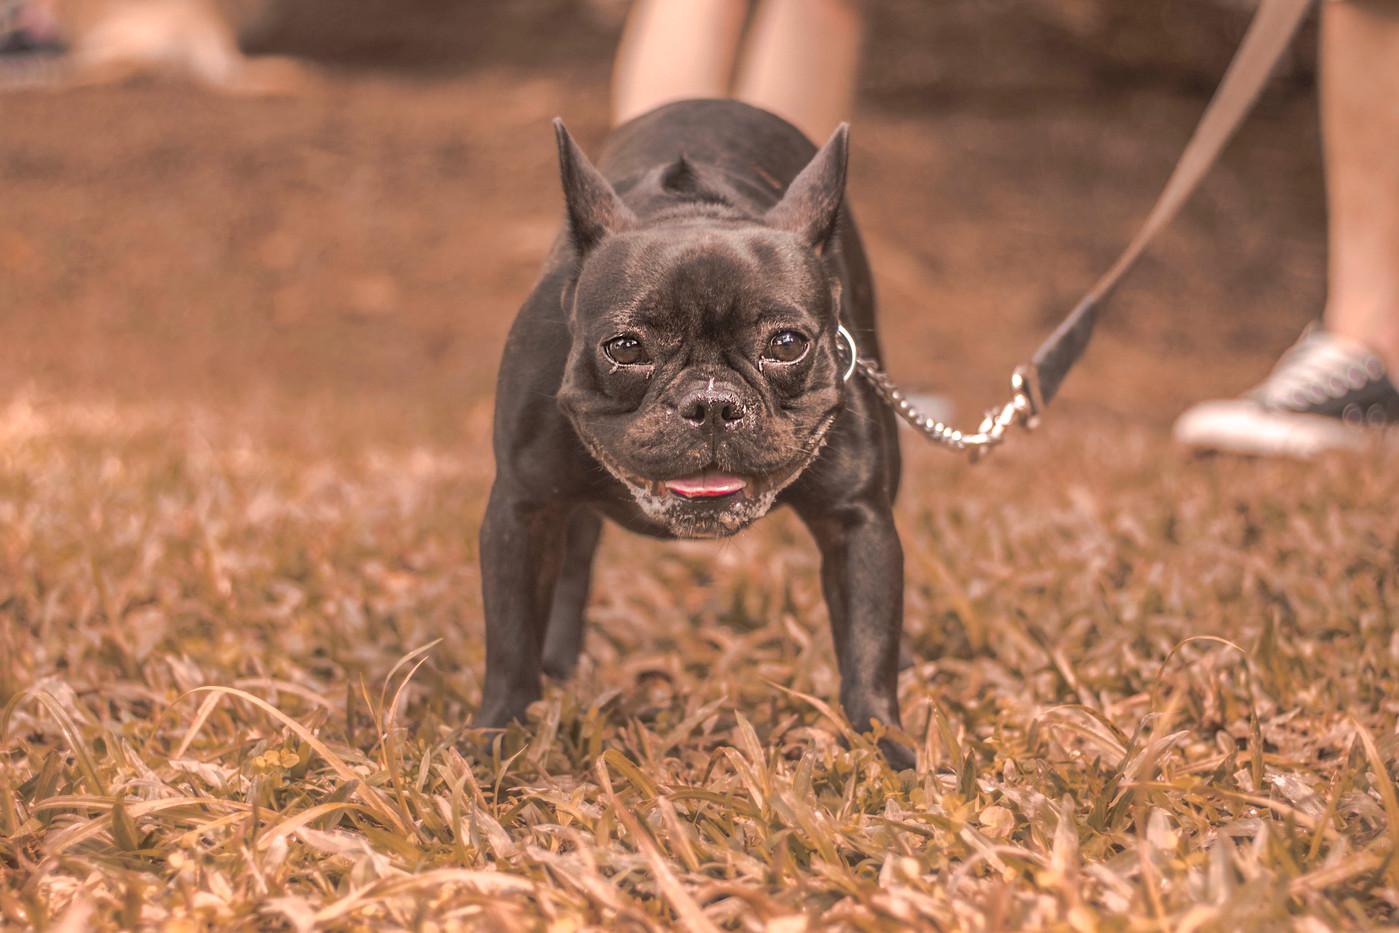 Cachorros Diversos por Gabriela Delcin P